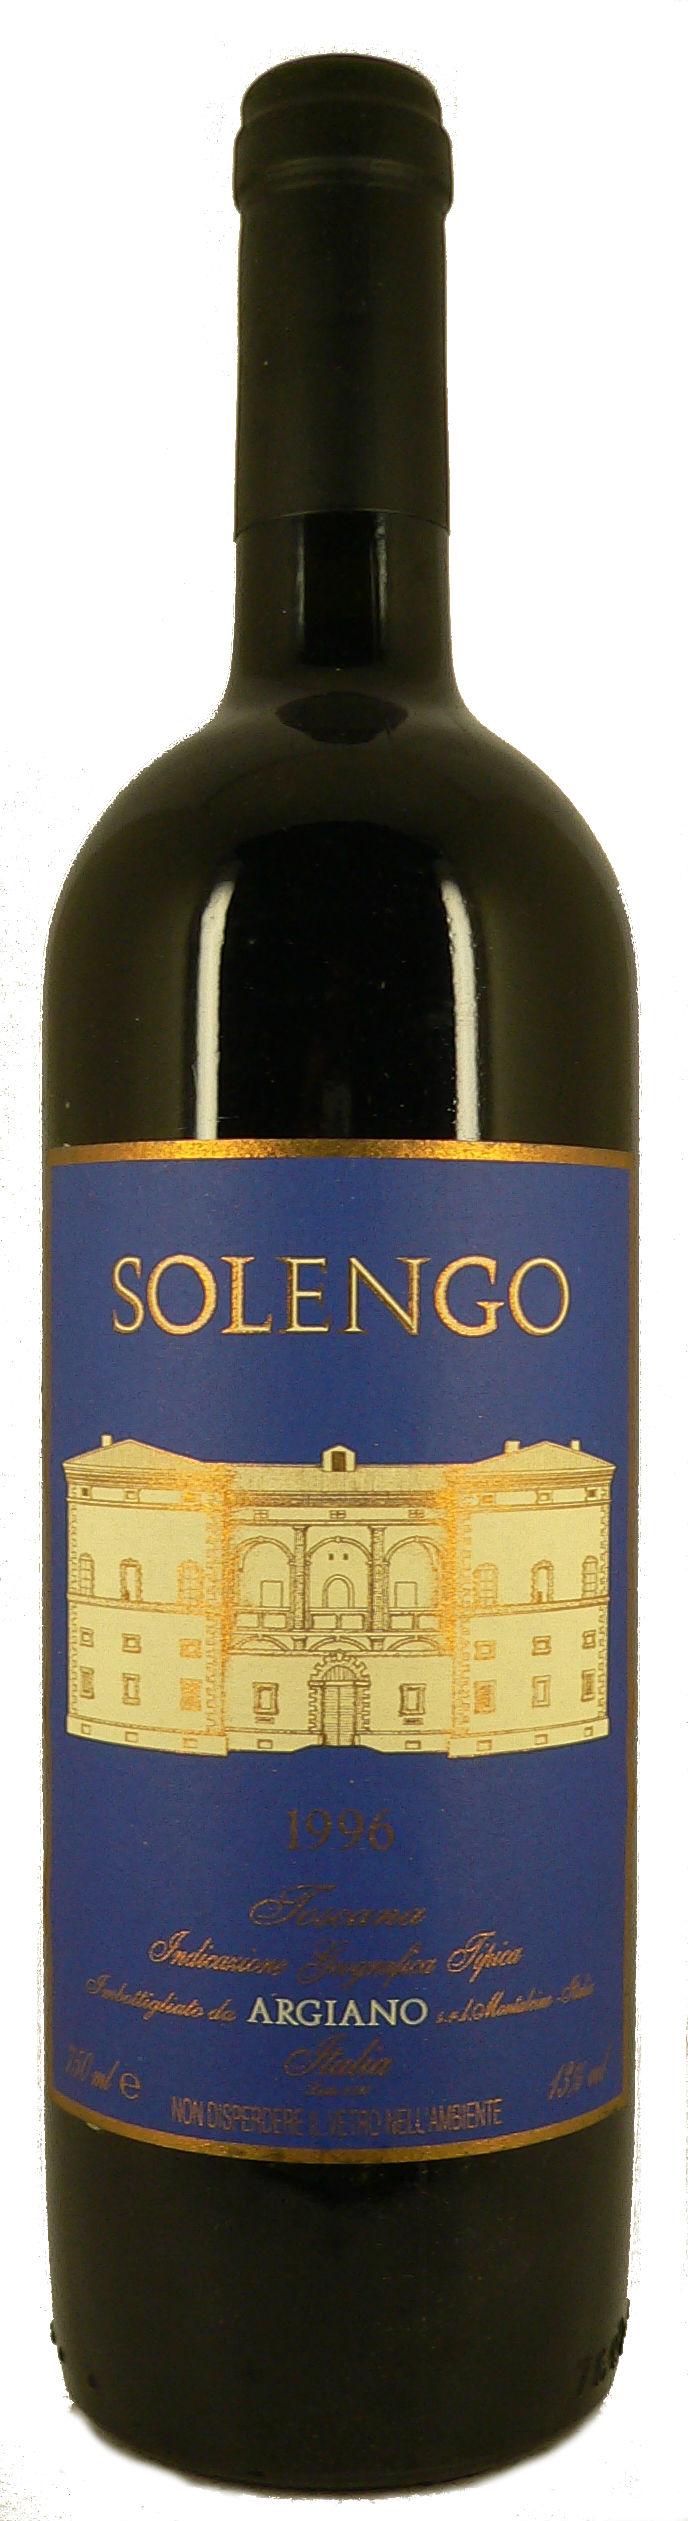 1998 Solengo Argiano Toscana IGT